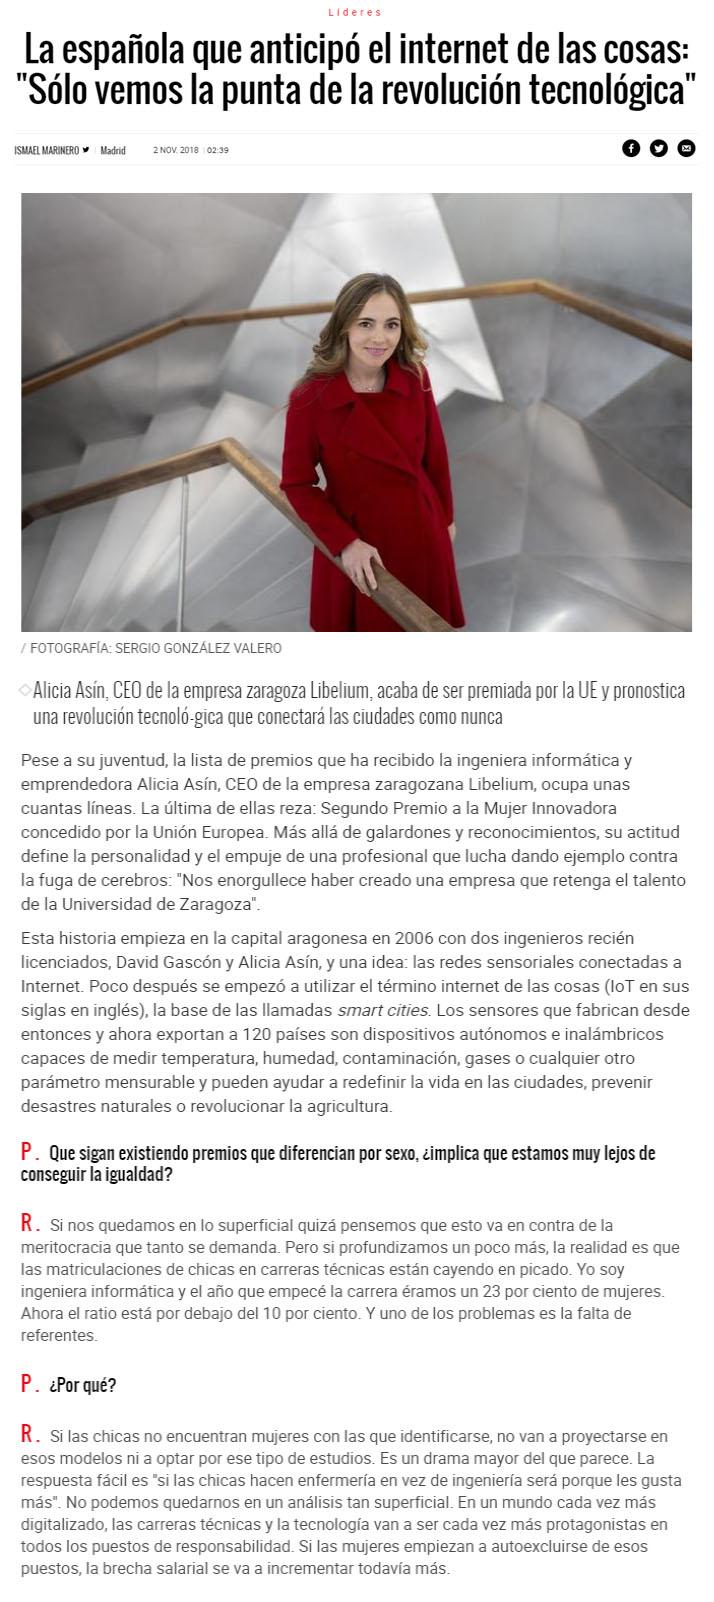 """El Mundo – La española que anticipó el internet de las cosas: """"Sólo vemos la punta de la revolución tecnológica"""""""